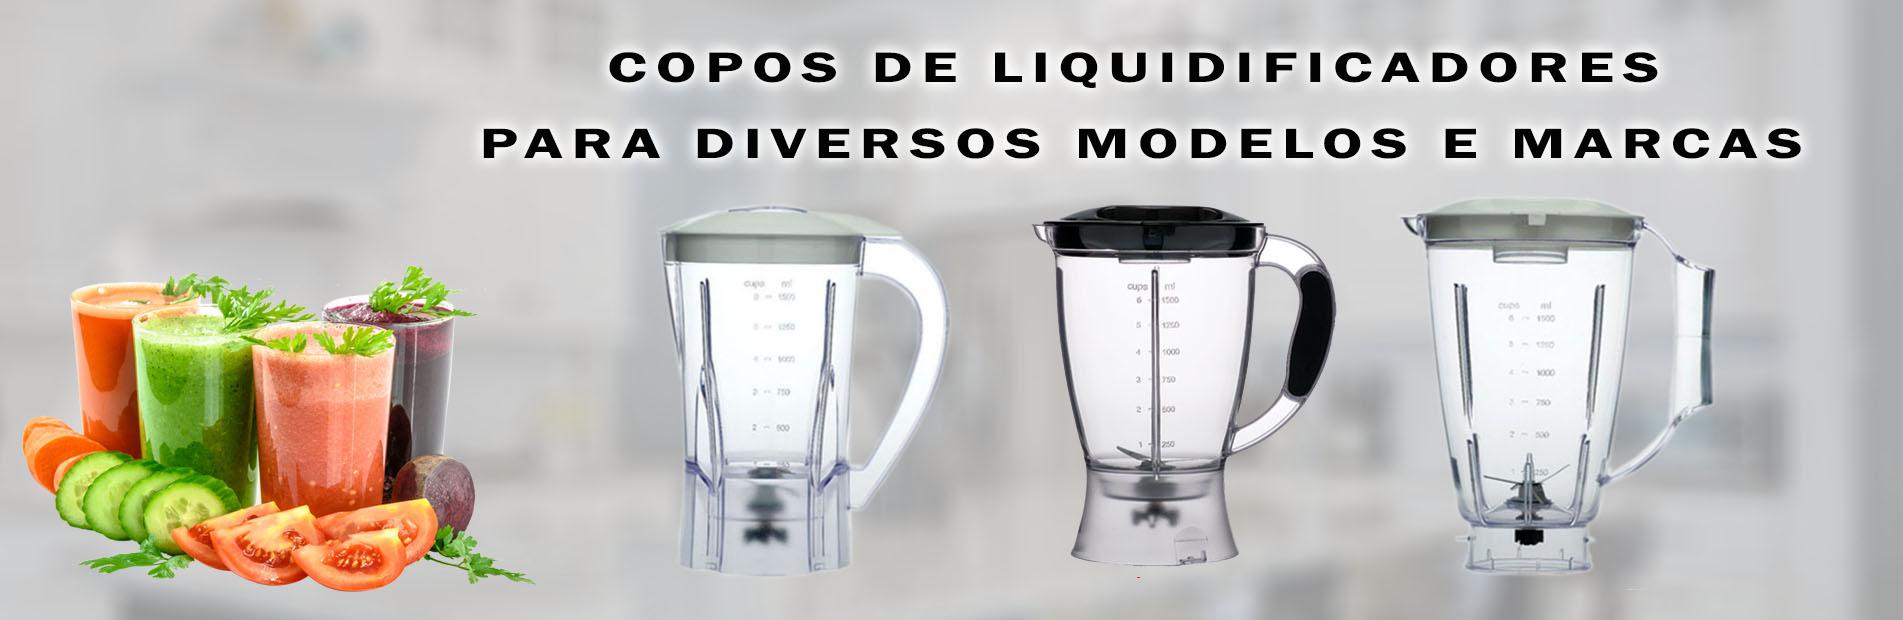 Copos de Liquidificadores